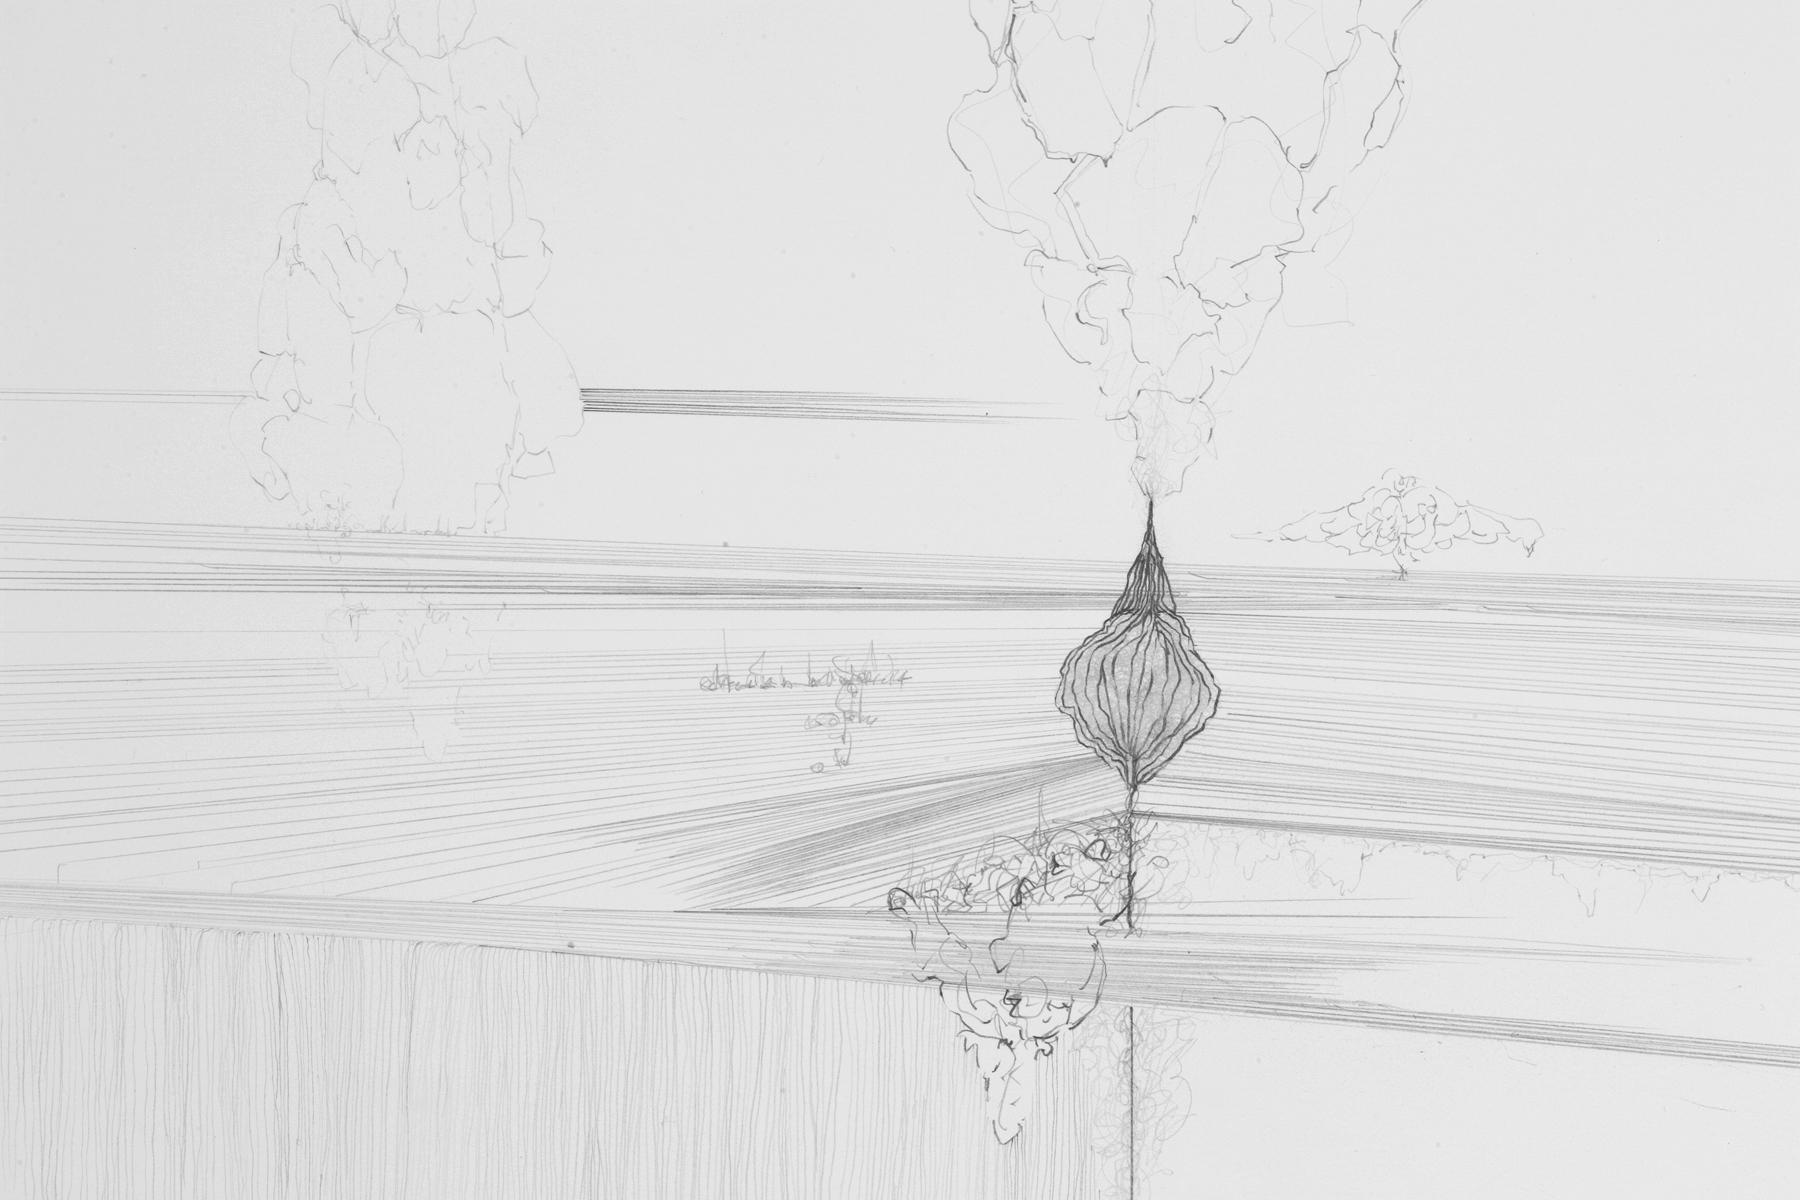 Plains 1 (detail)